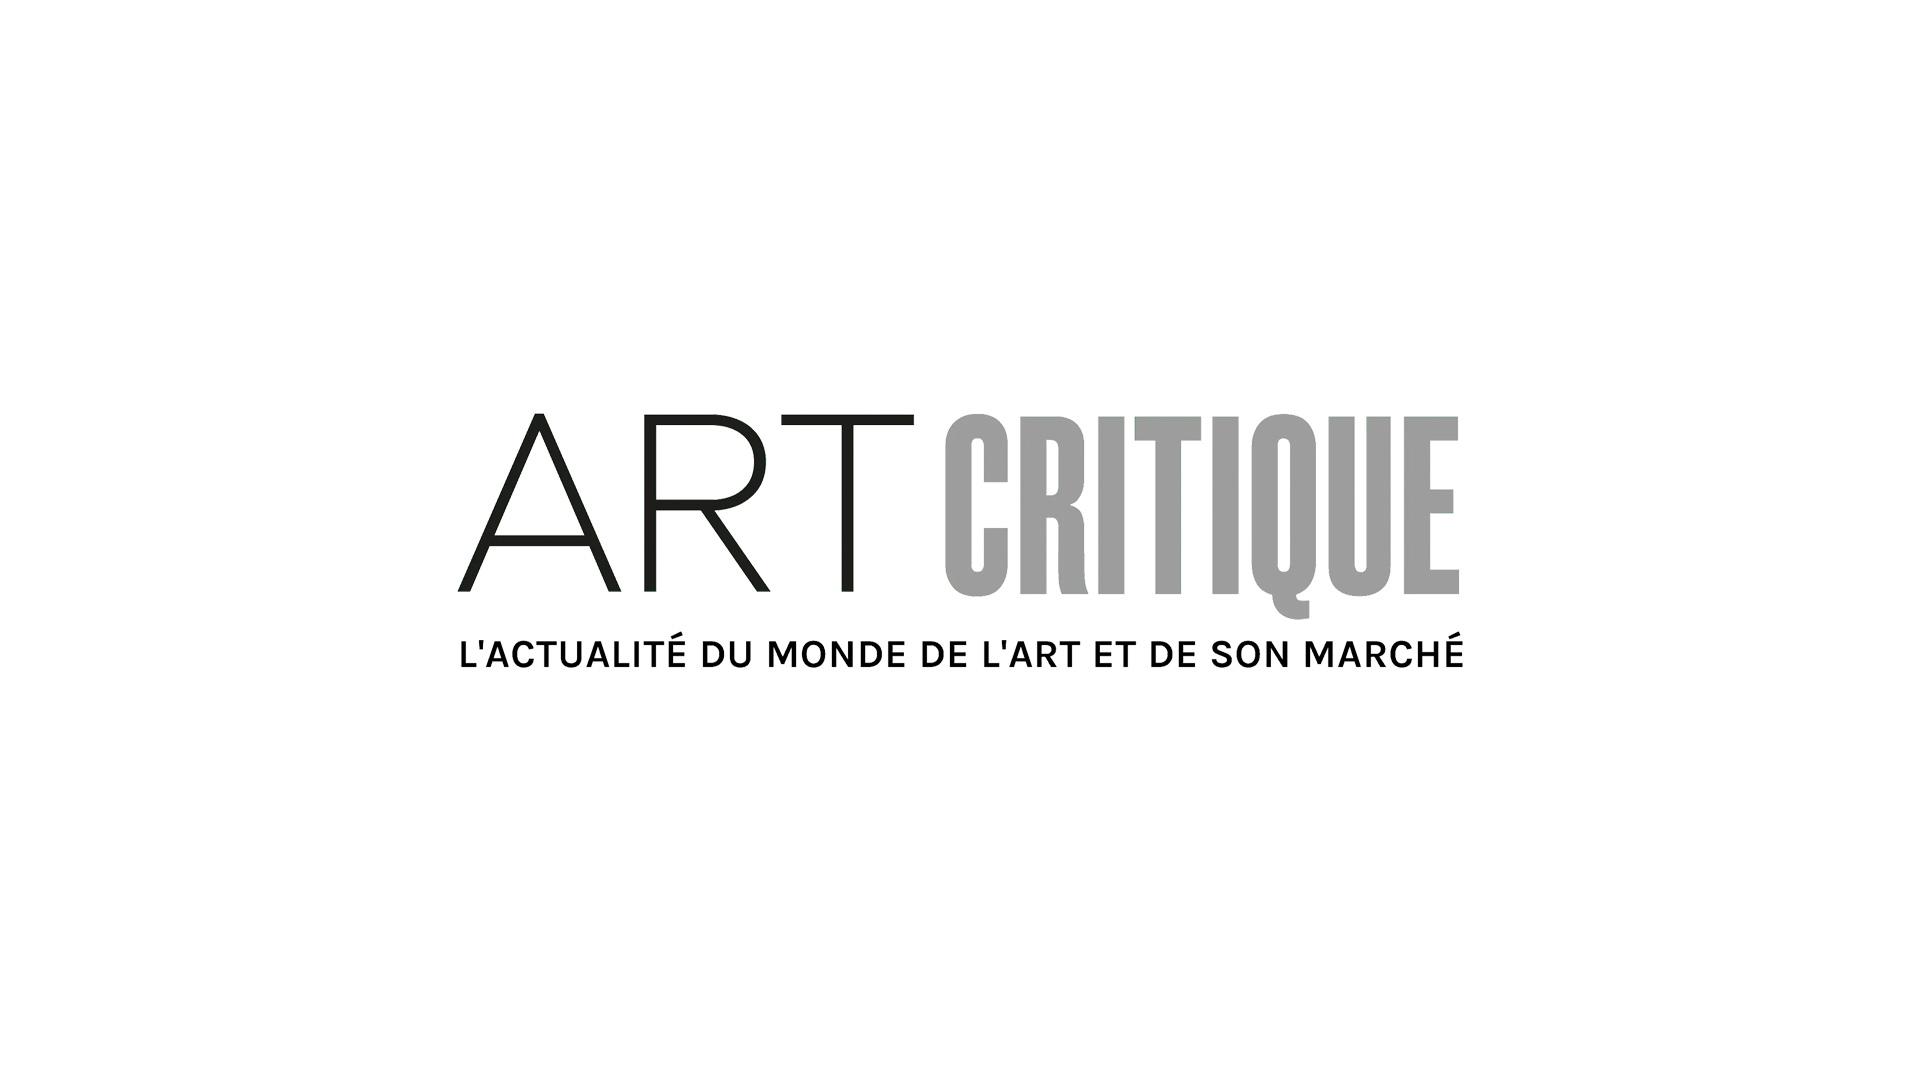 Cinq artistes textiles que vous devriez connaître